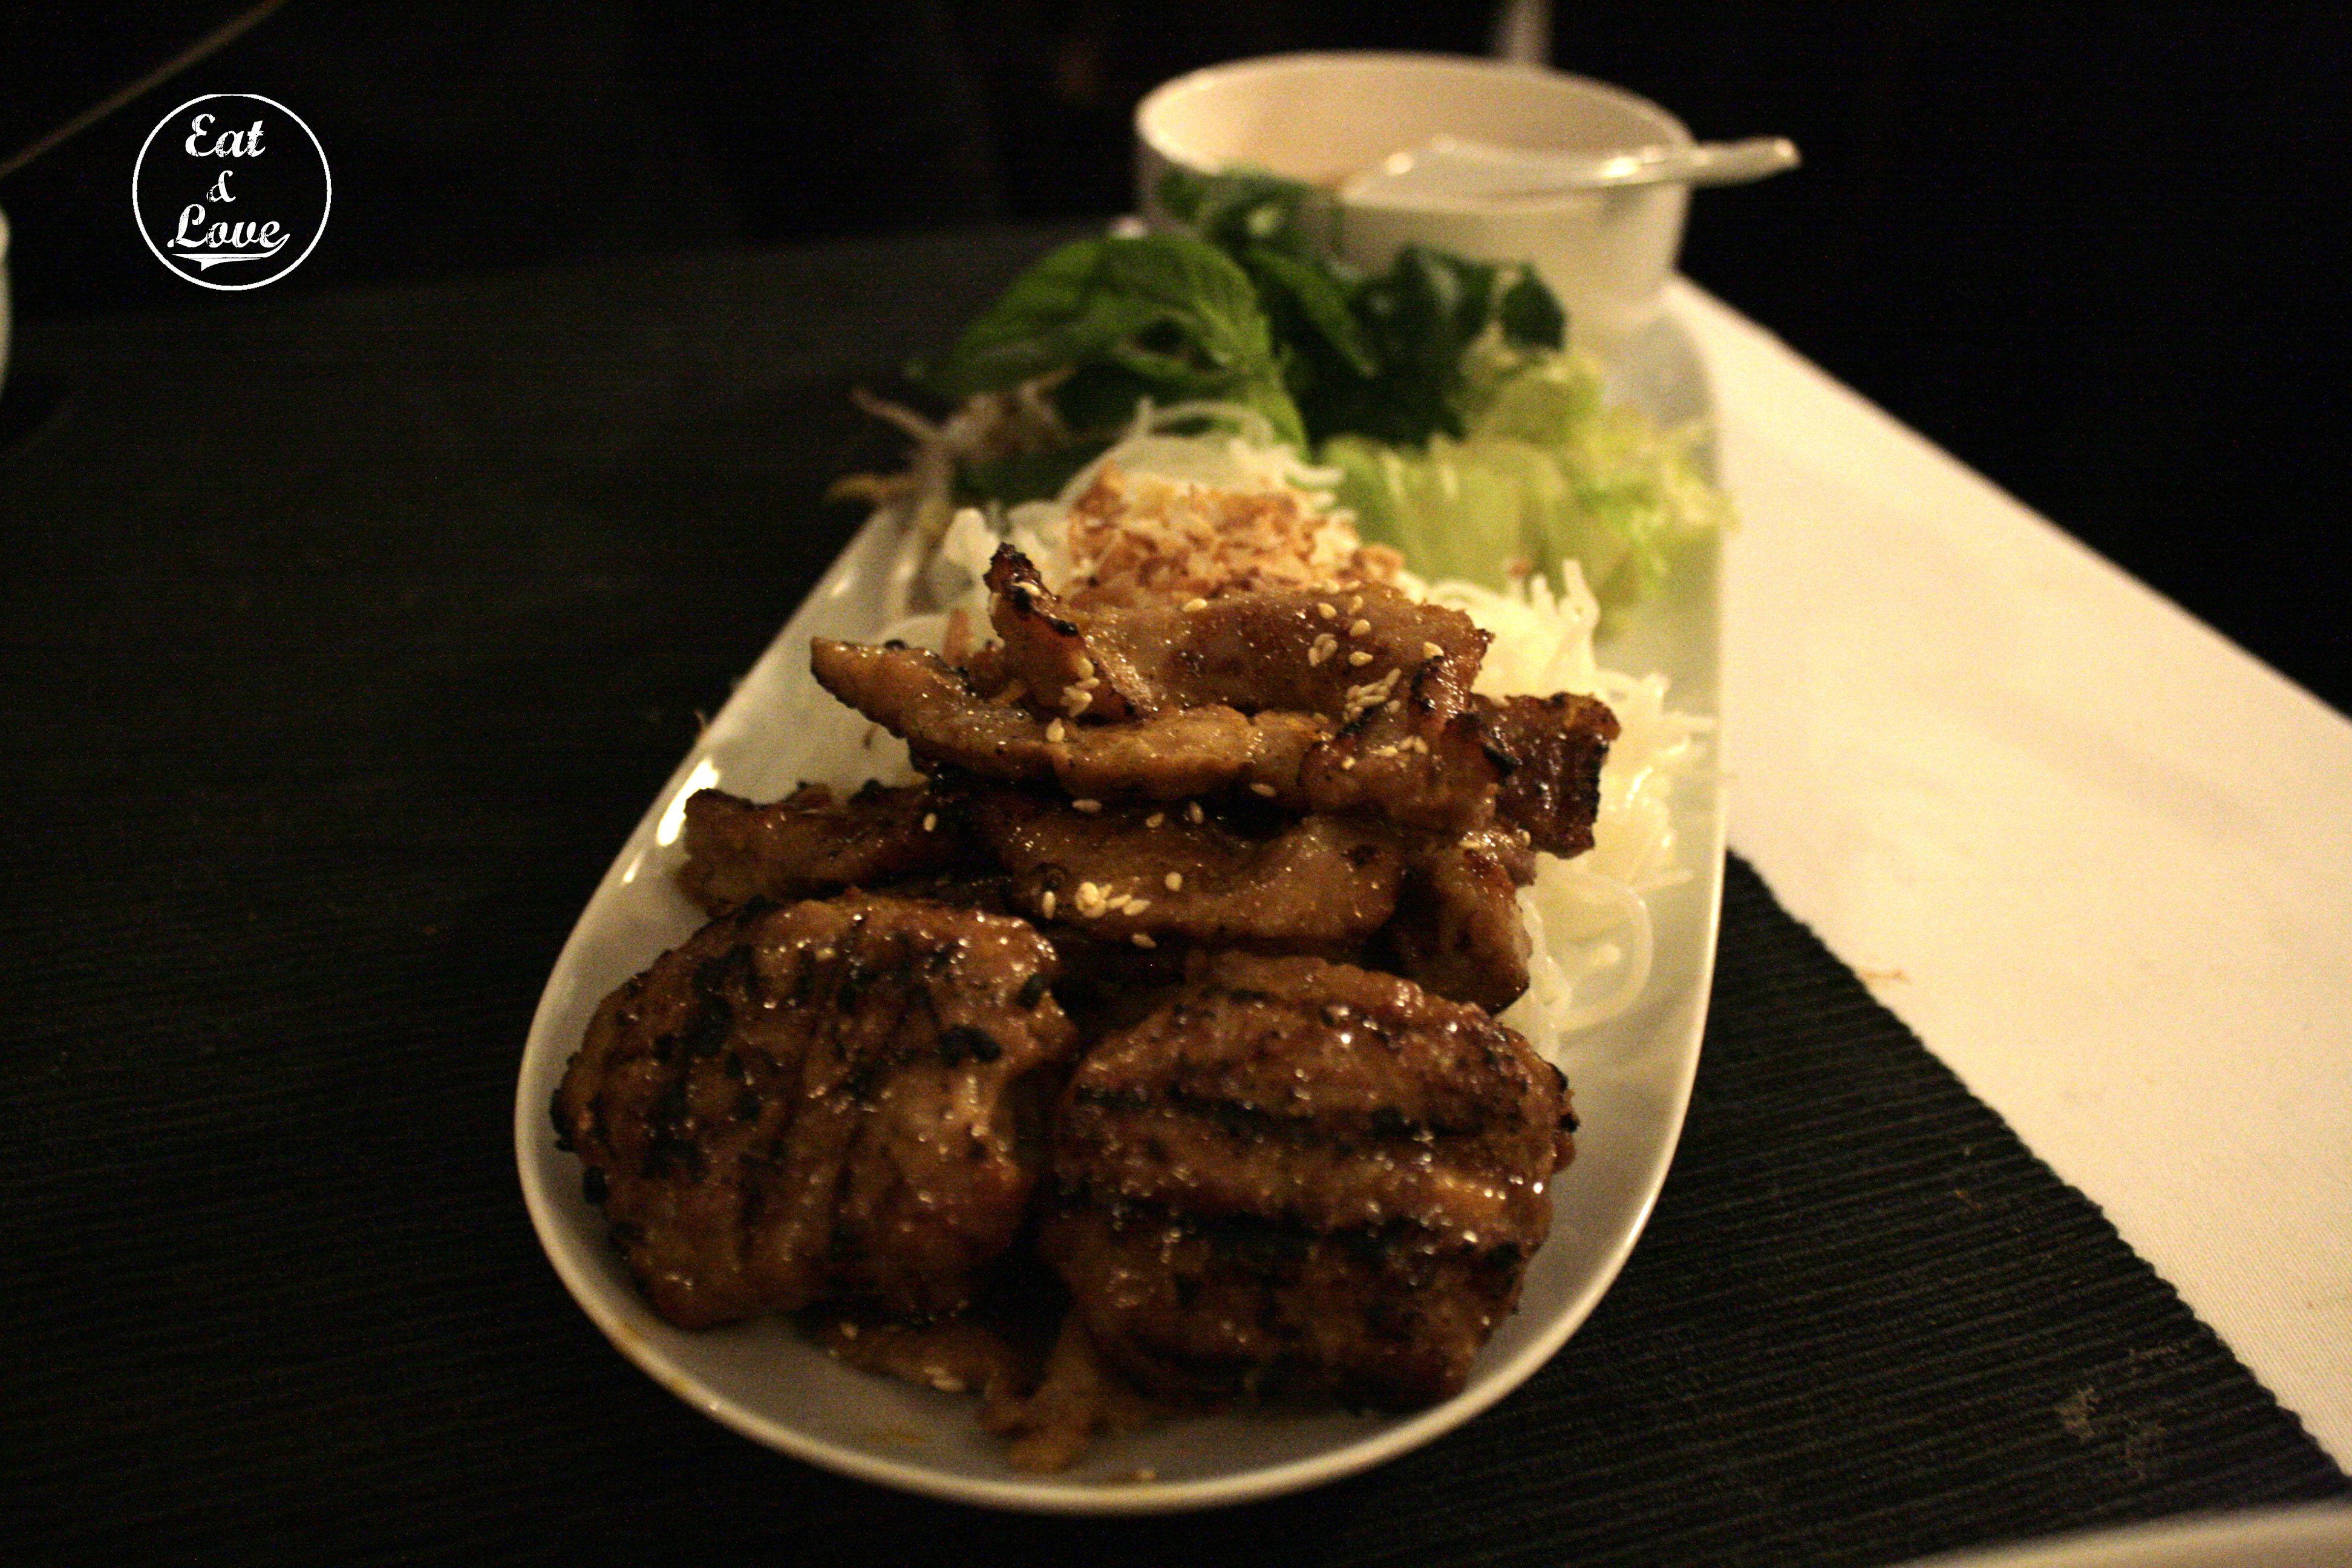 Secreto de cerdo iberico a la brasa con tallarines y vegetales - restaurante Vietnam - Madrid